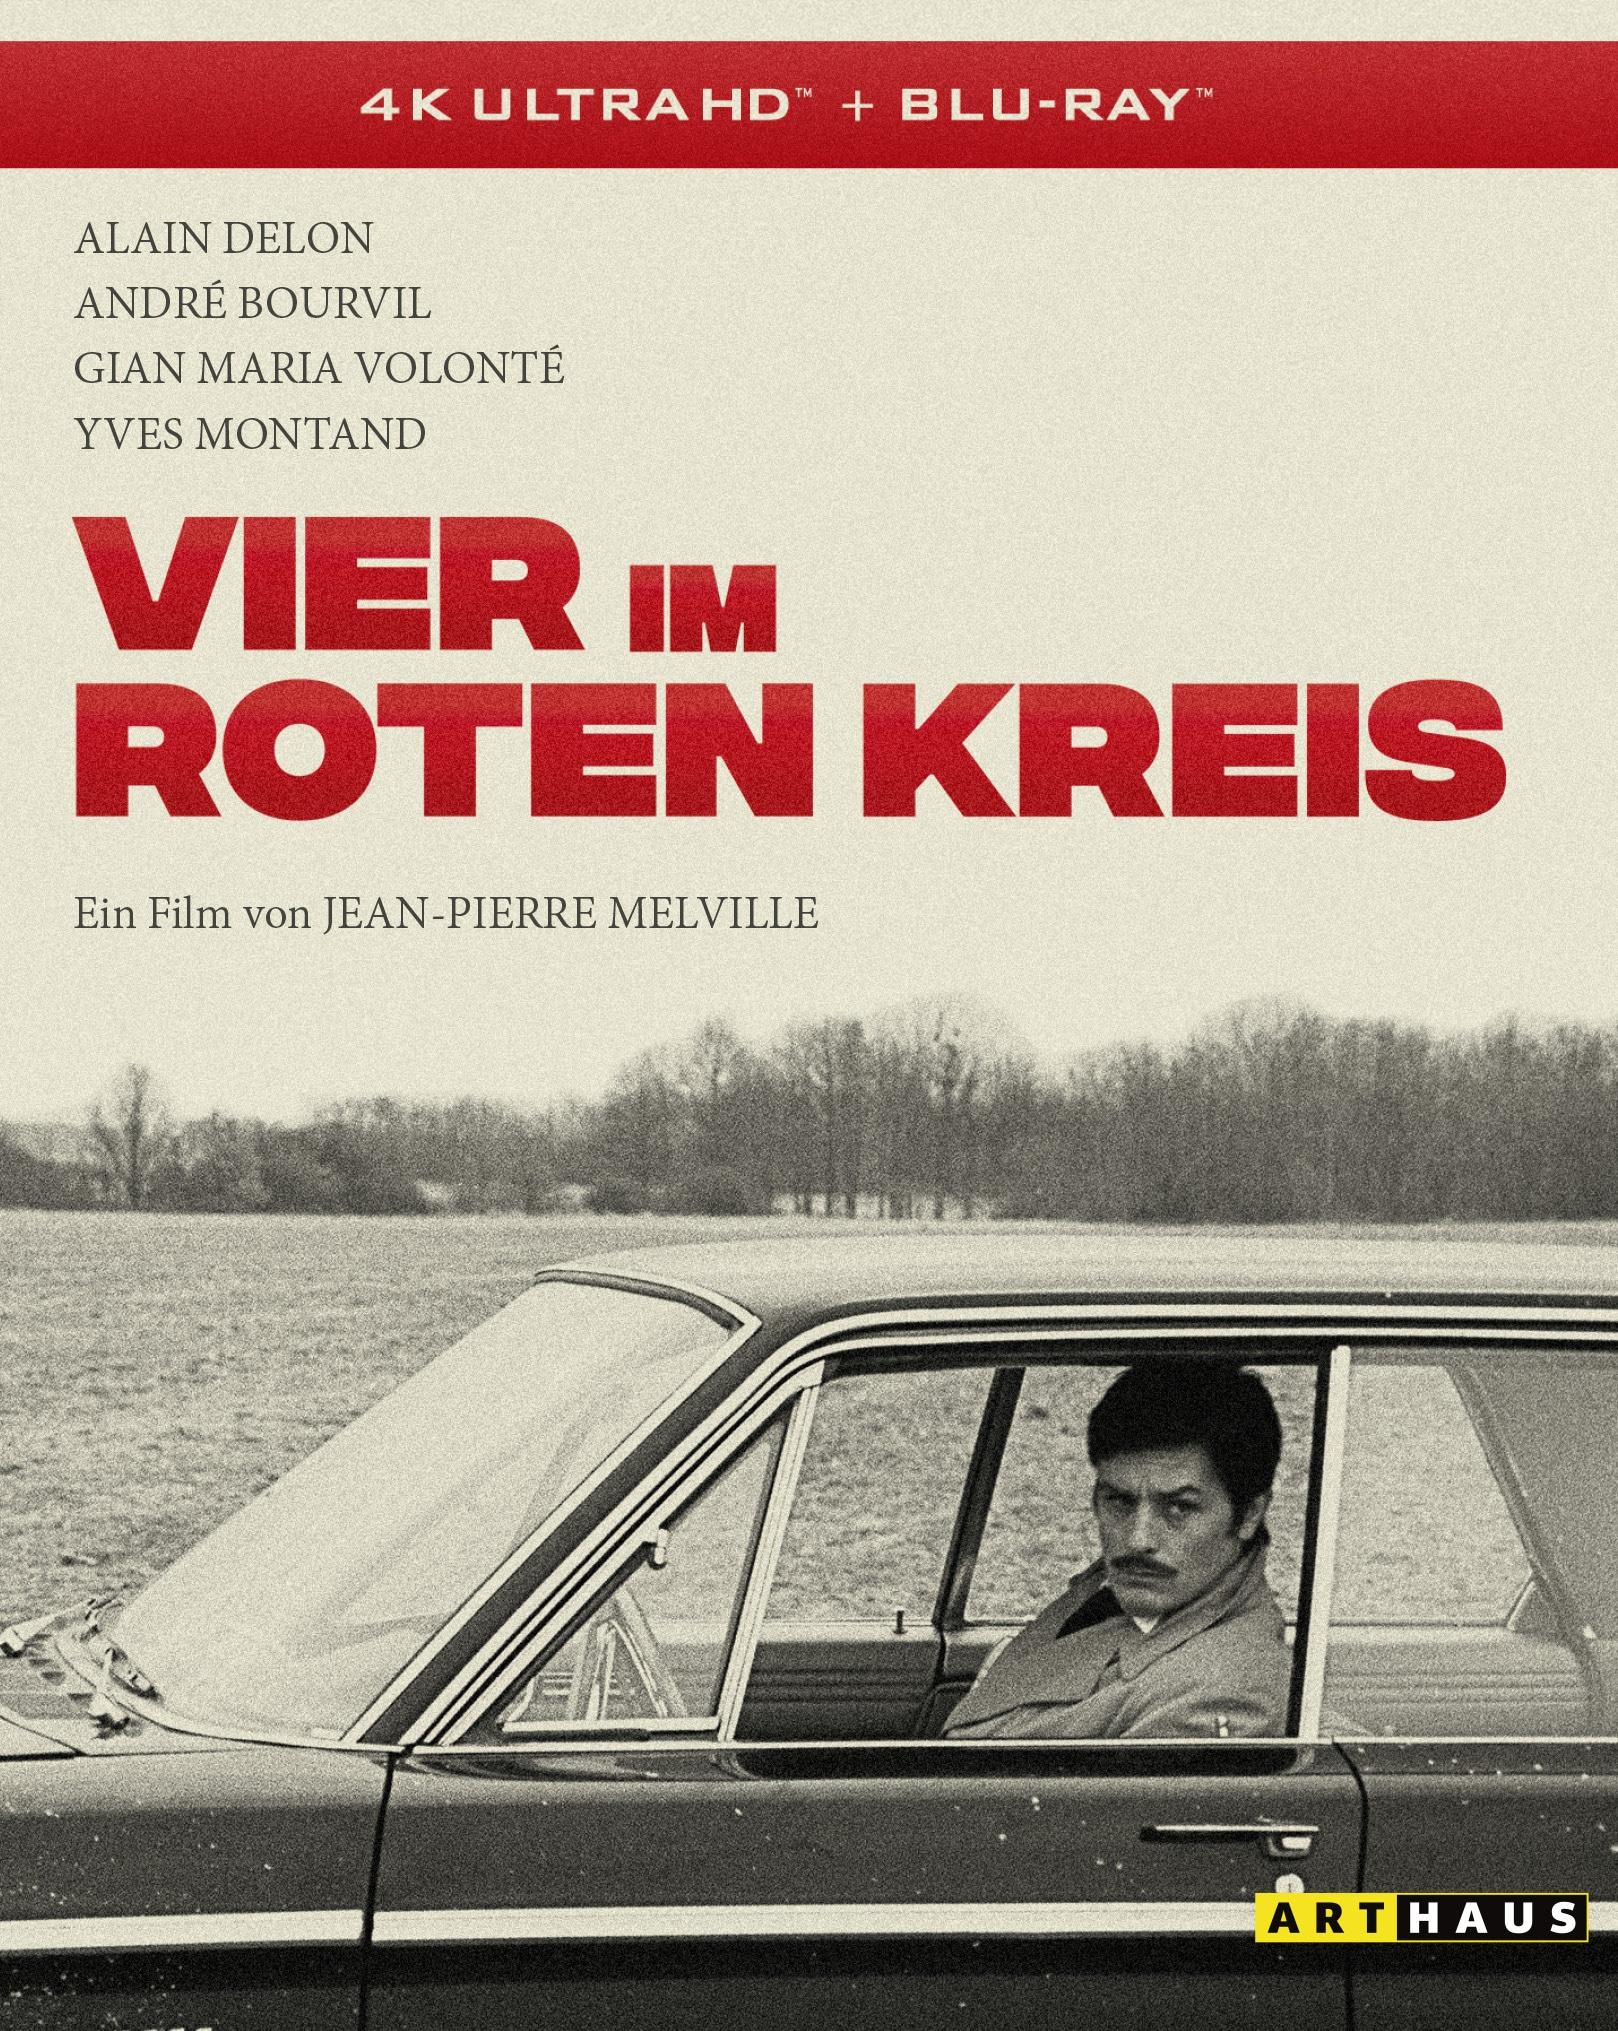 """Das Cover der 4K UHD-Disc von """"Vier im roten Kreis"""" zeigt Alain Delon als Corey im Auto sitzen. Der Schriftzug des Titels ist in knalligem Rot gehalten."""